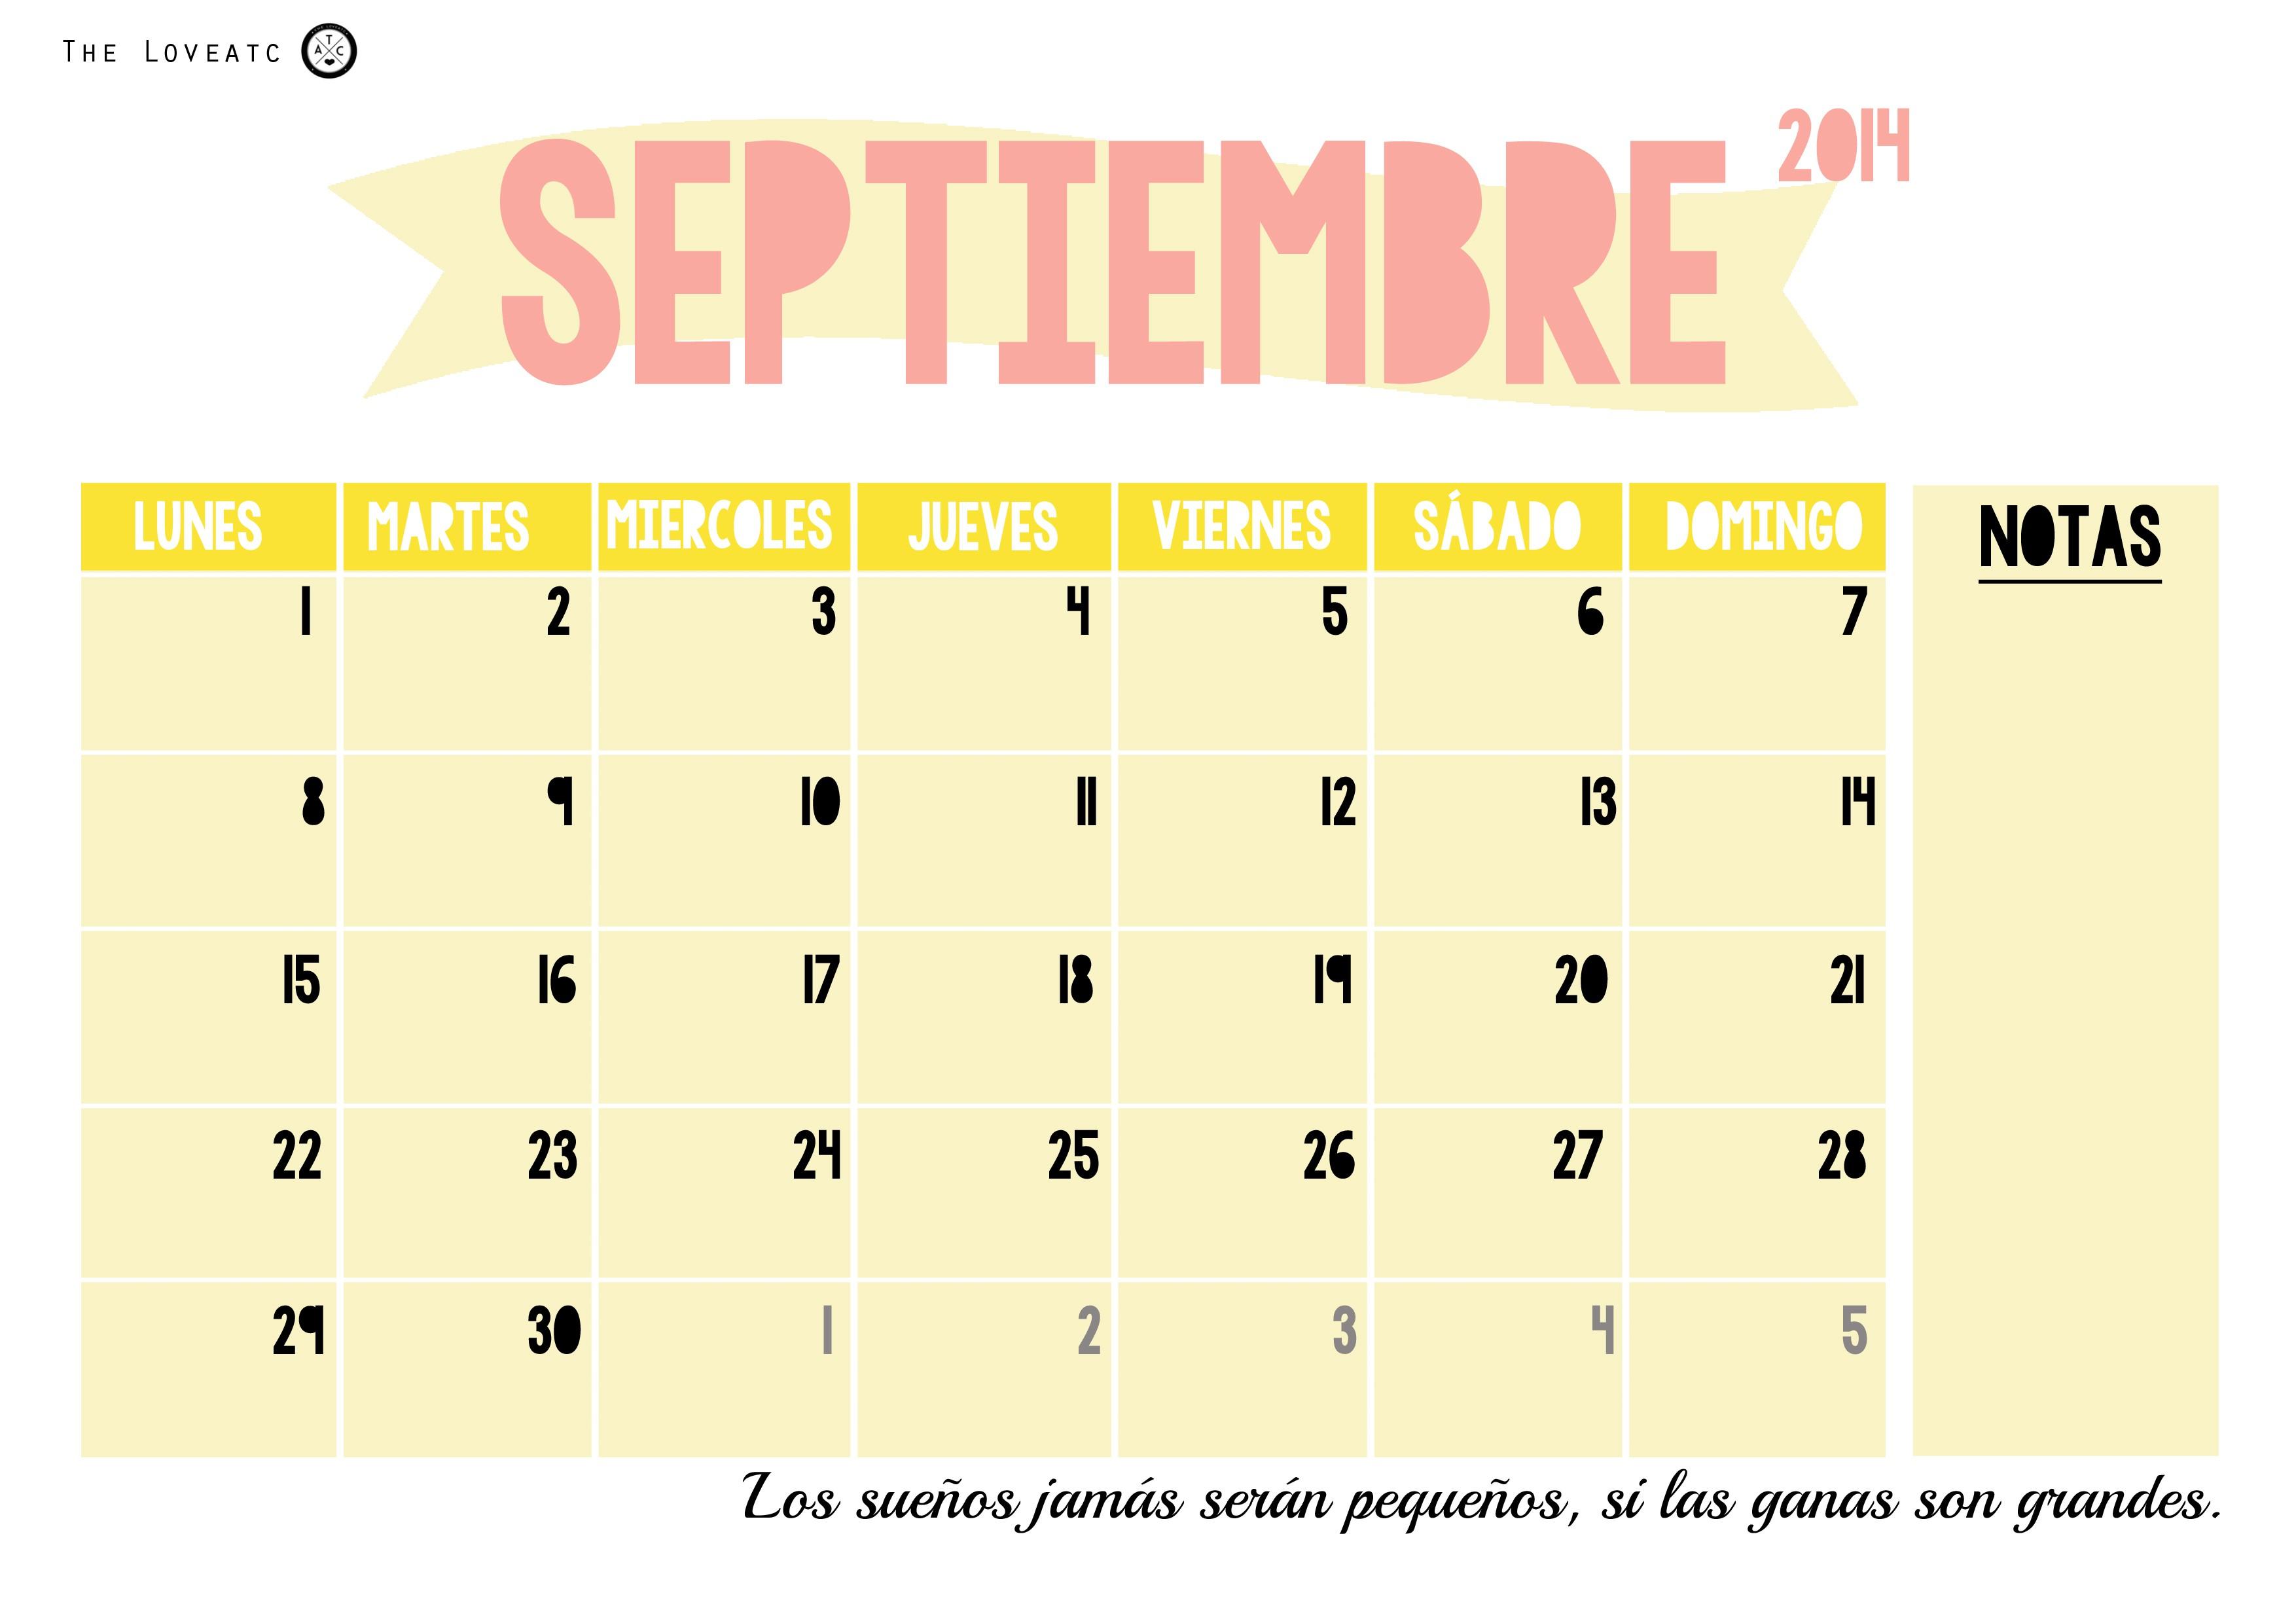 Calendario Octubre 2019 Para Imprimir Michelzbinden Más Recientes Calendario Septiembre Of Calendario Octubre 2019 Para Imprimir Michelzbinden Recientes Calendario De Agosto 2020 Para Imprimir